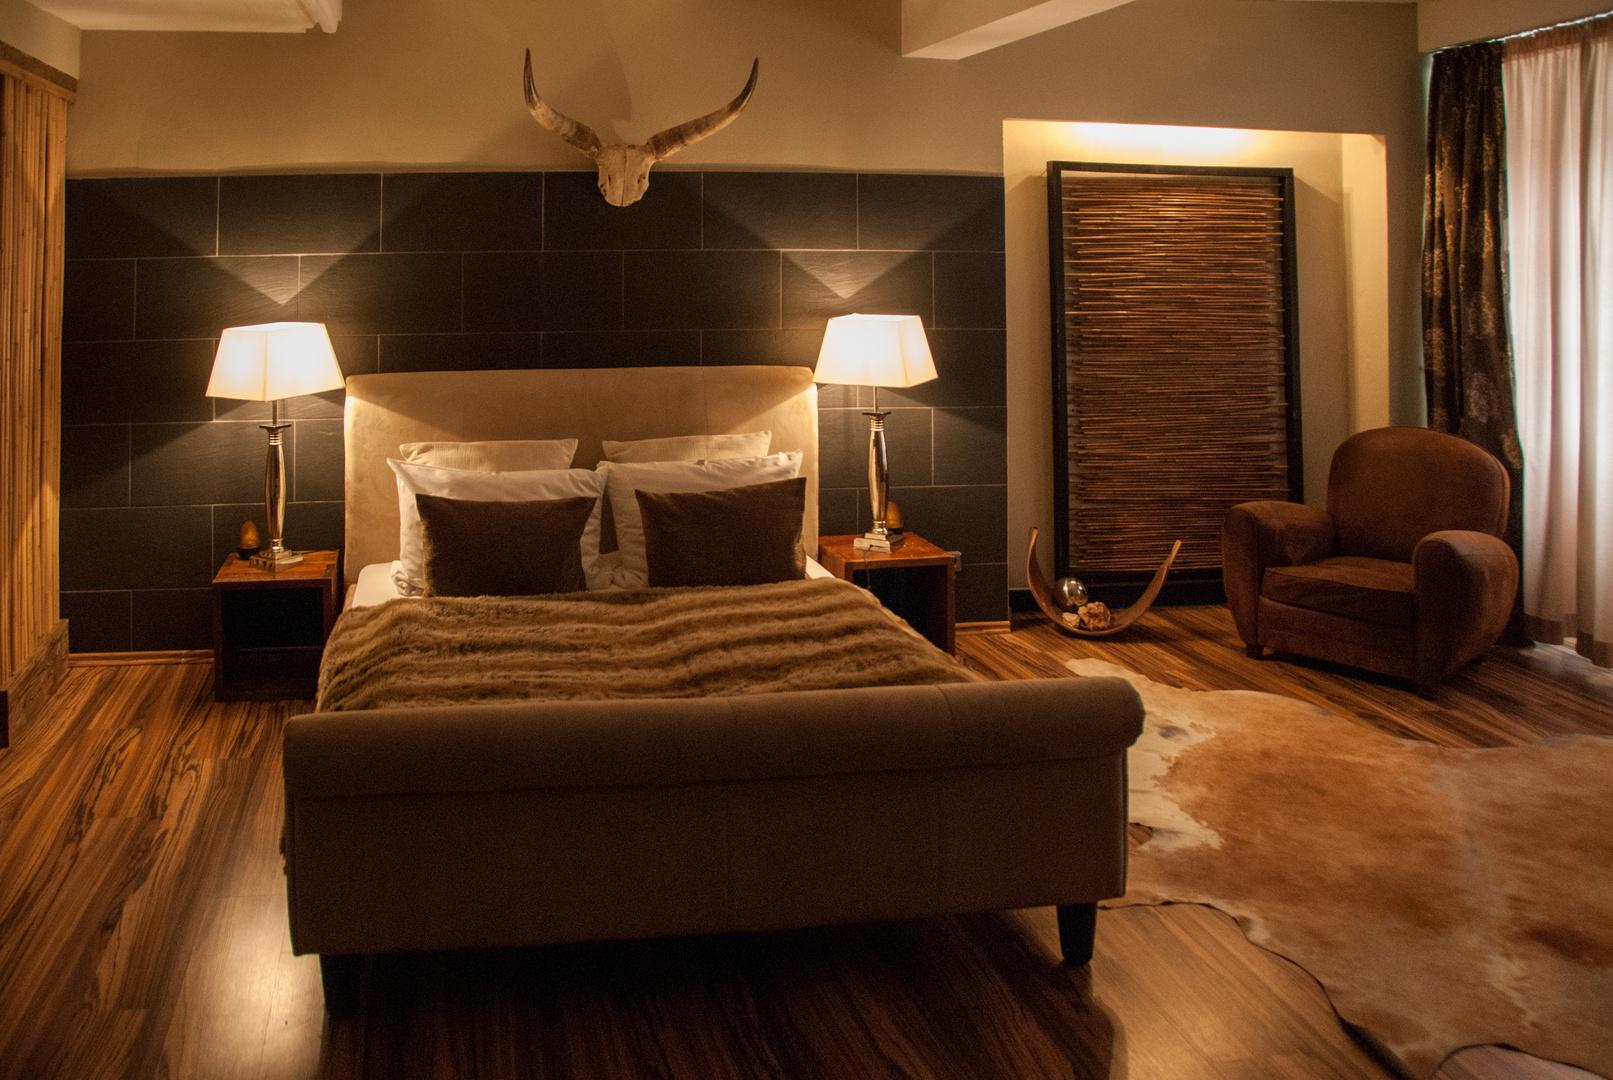 Hotelzimmer elements foto bild deutschland europe for Hotelzimmer teilen